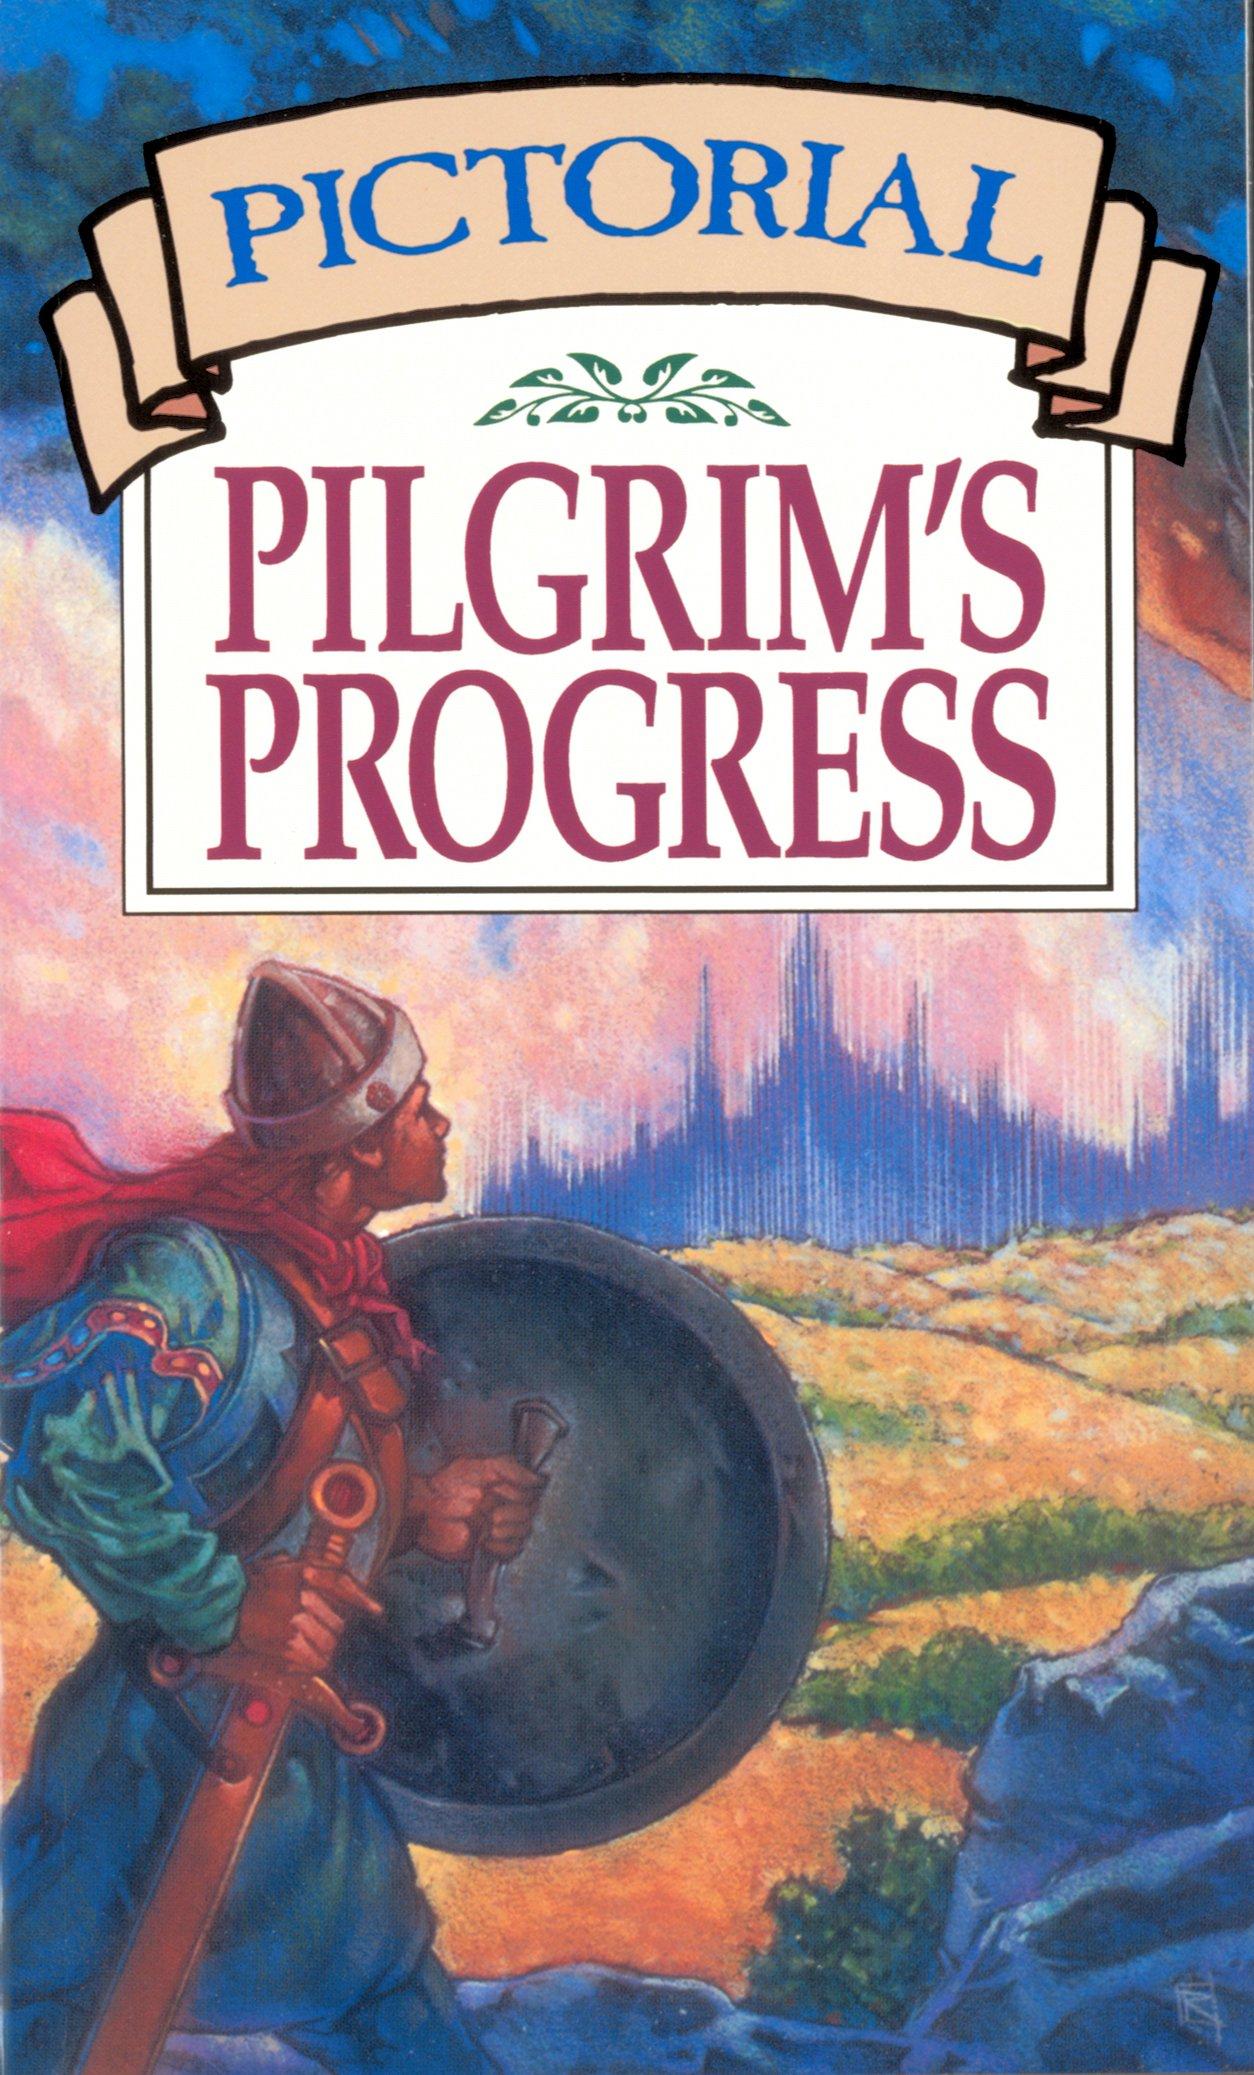 The pilgrim's progress, part 1 audio mp3 download orion's gate.